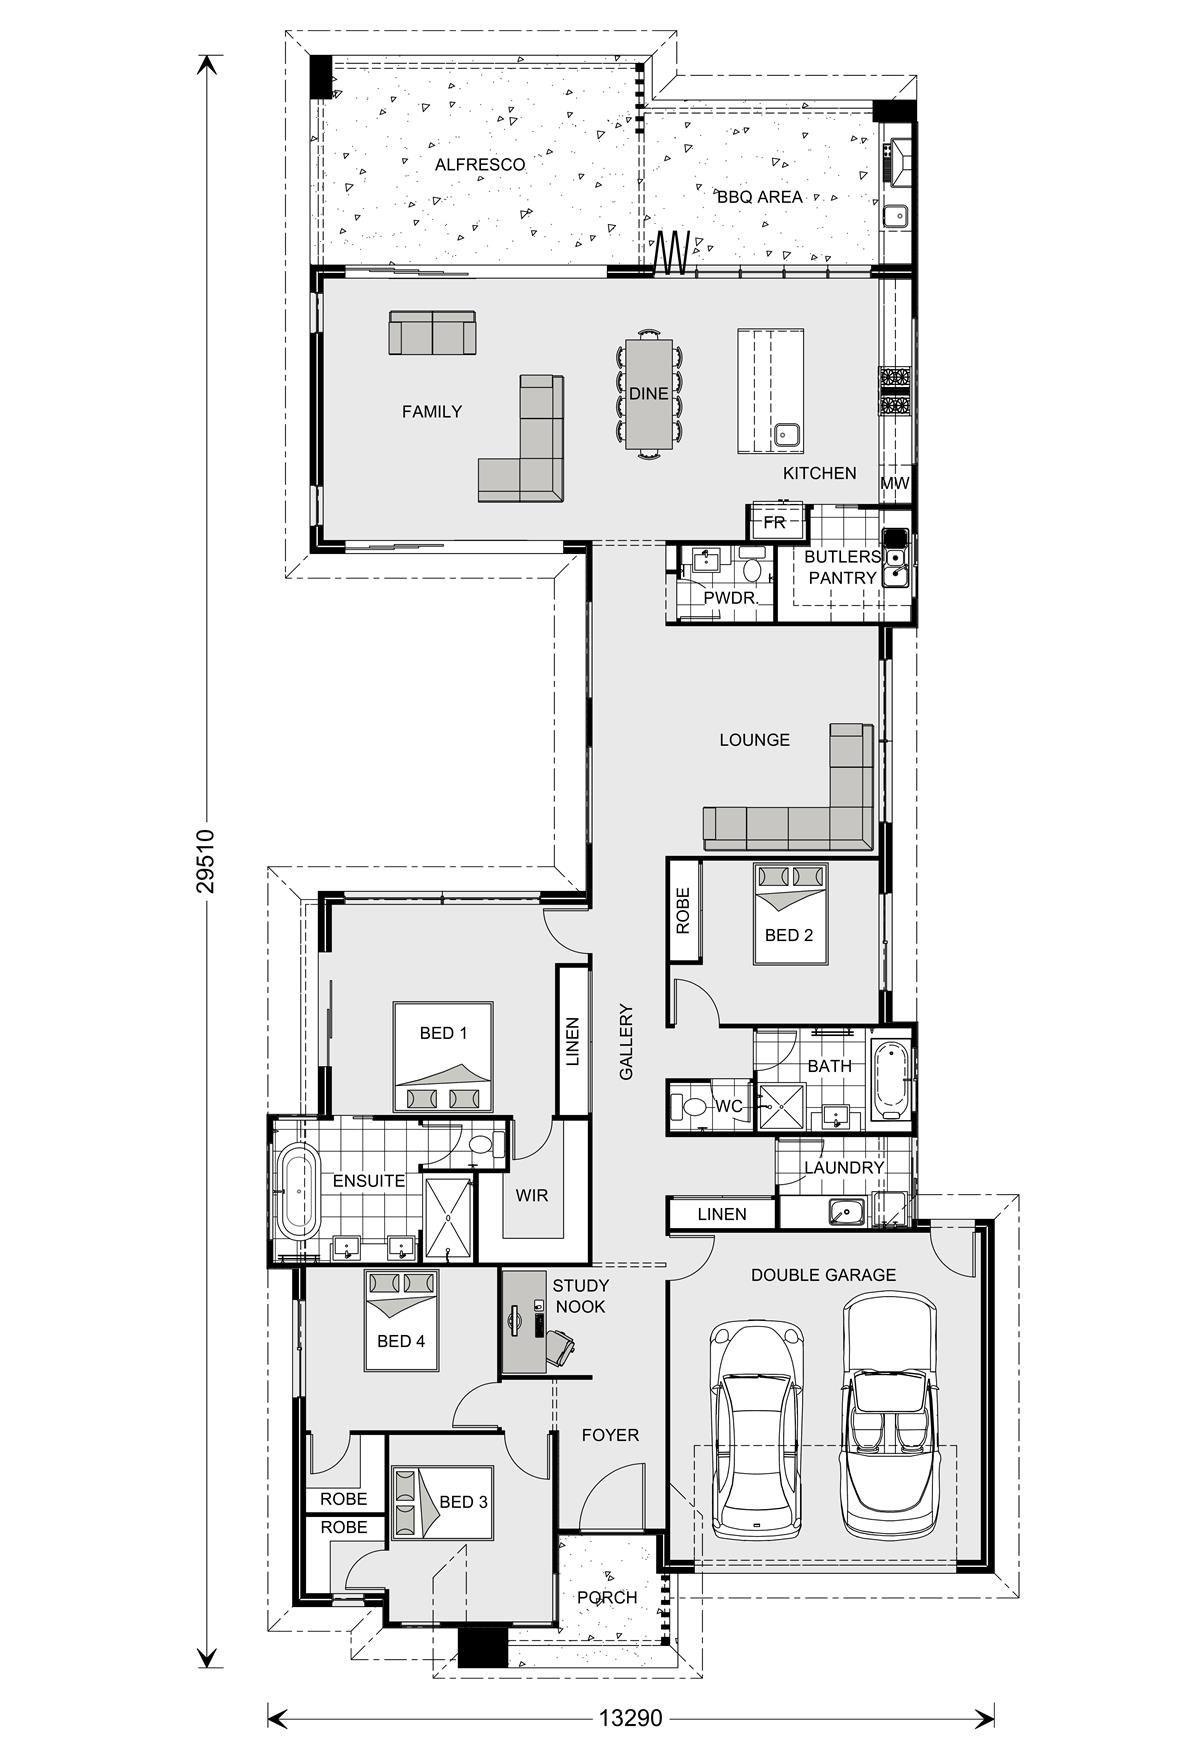 Stillwater   gardner homes sims dream house plans floor also best images in home plants rh pinterest